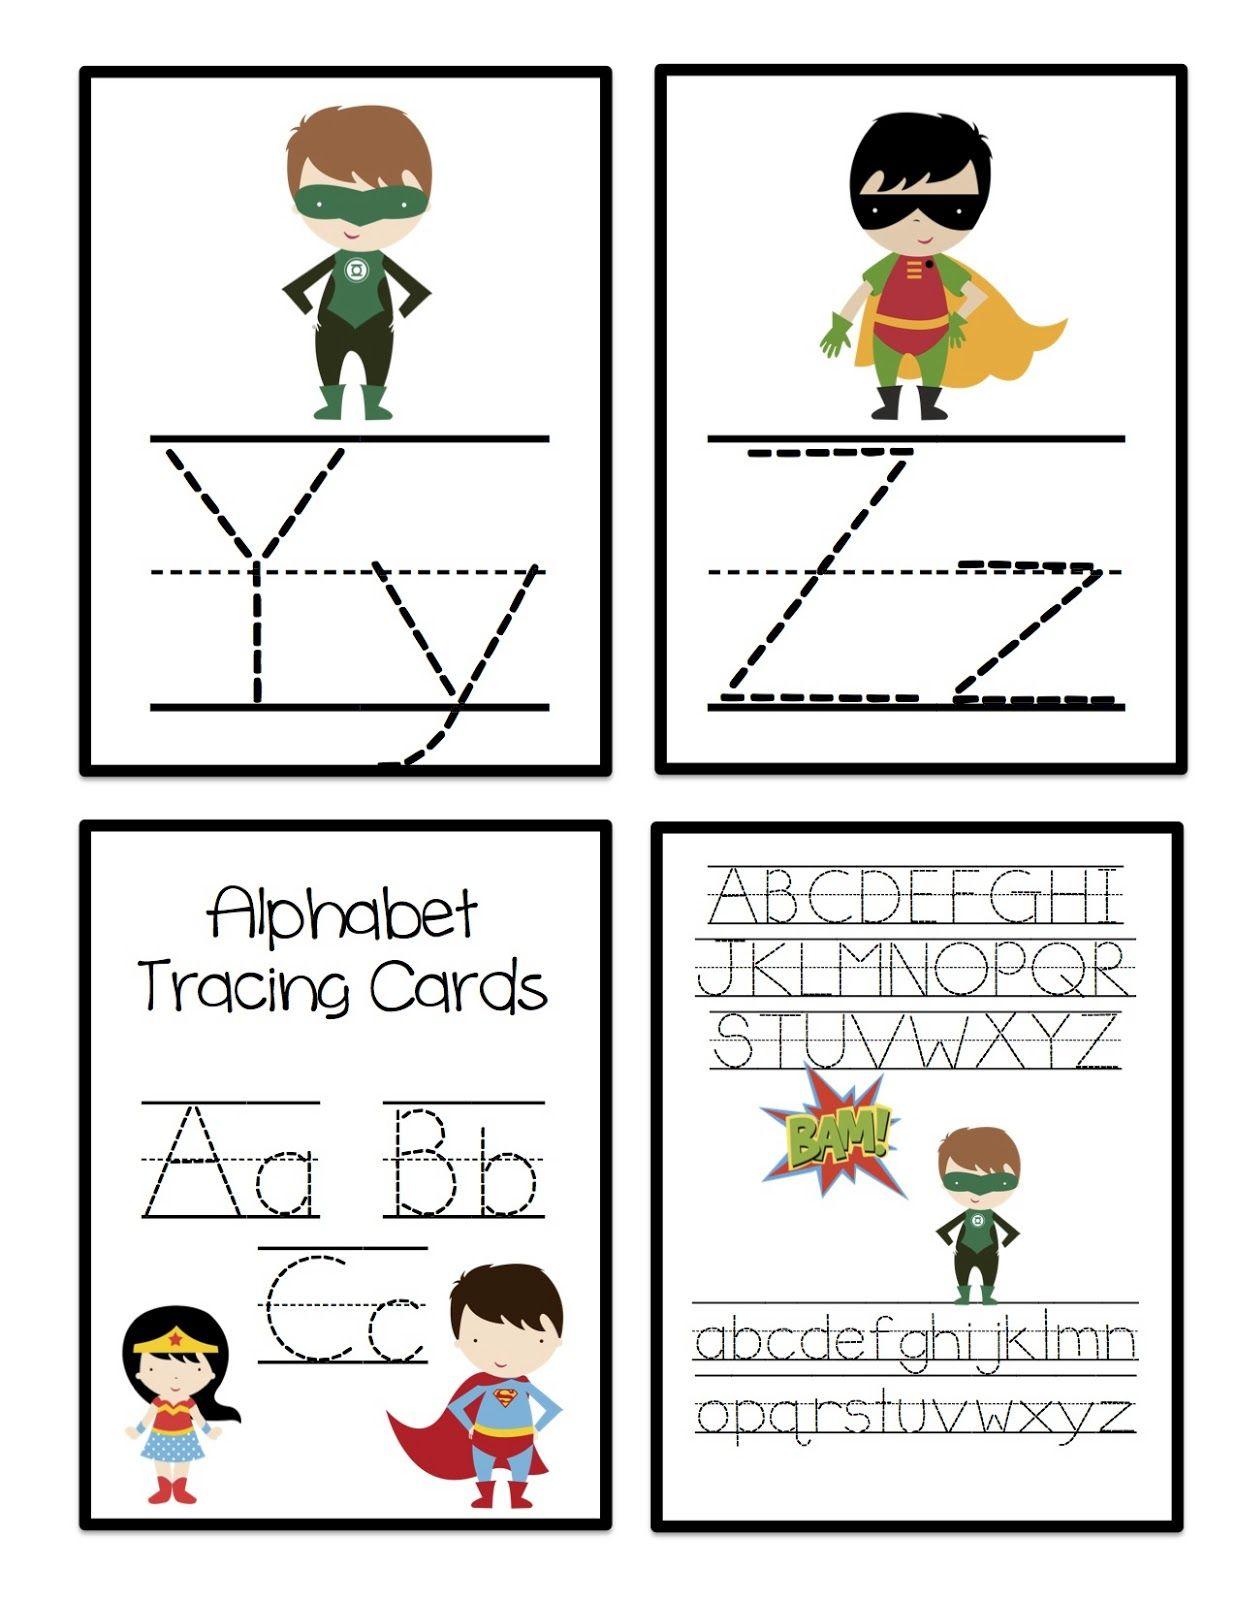 Super Hero Alphabet Tracing Cards | Alphabet Tracing